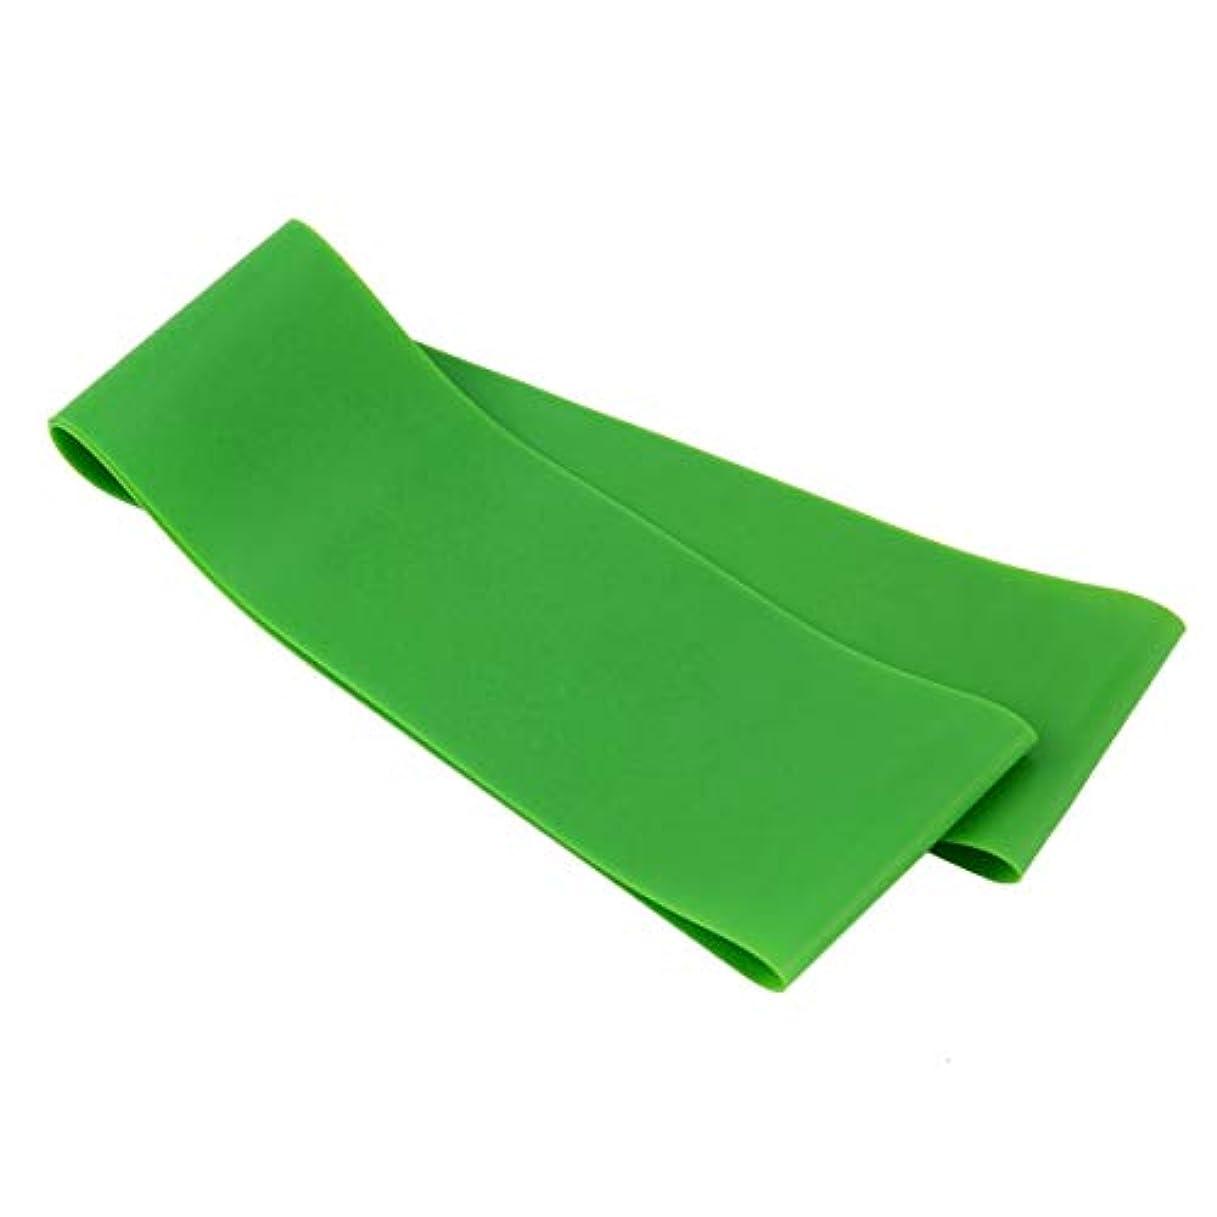 明快話をする食欲滑り止め伸縮性ゴム弾性ヨガベルトバンドプルロープ張力抵抗バンドループ強度のためのフィットネスヨガツール - グリーン